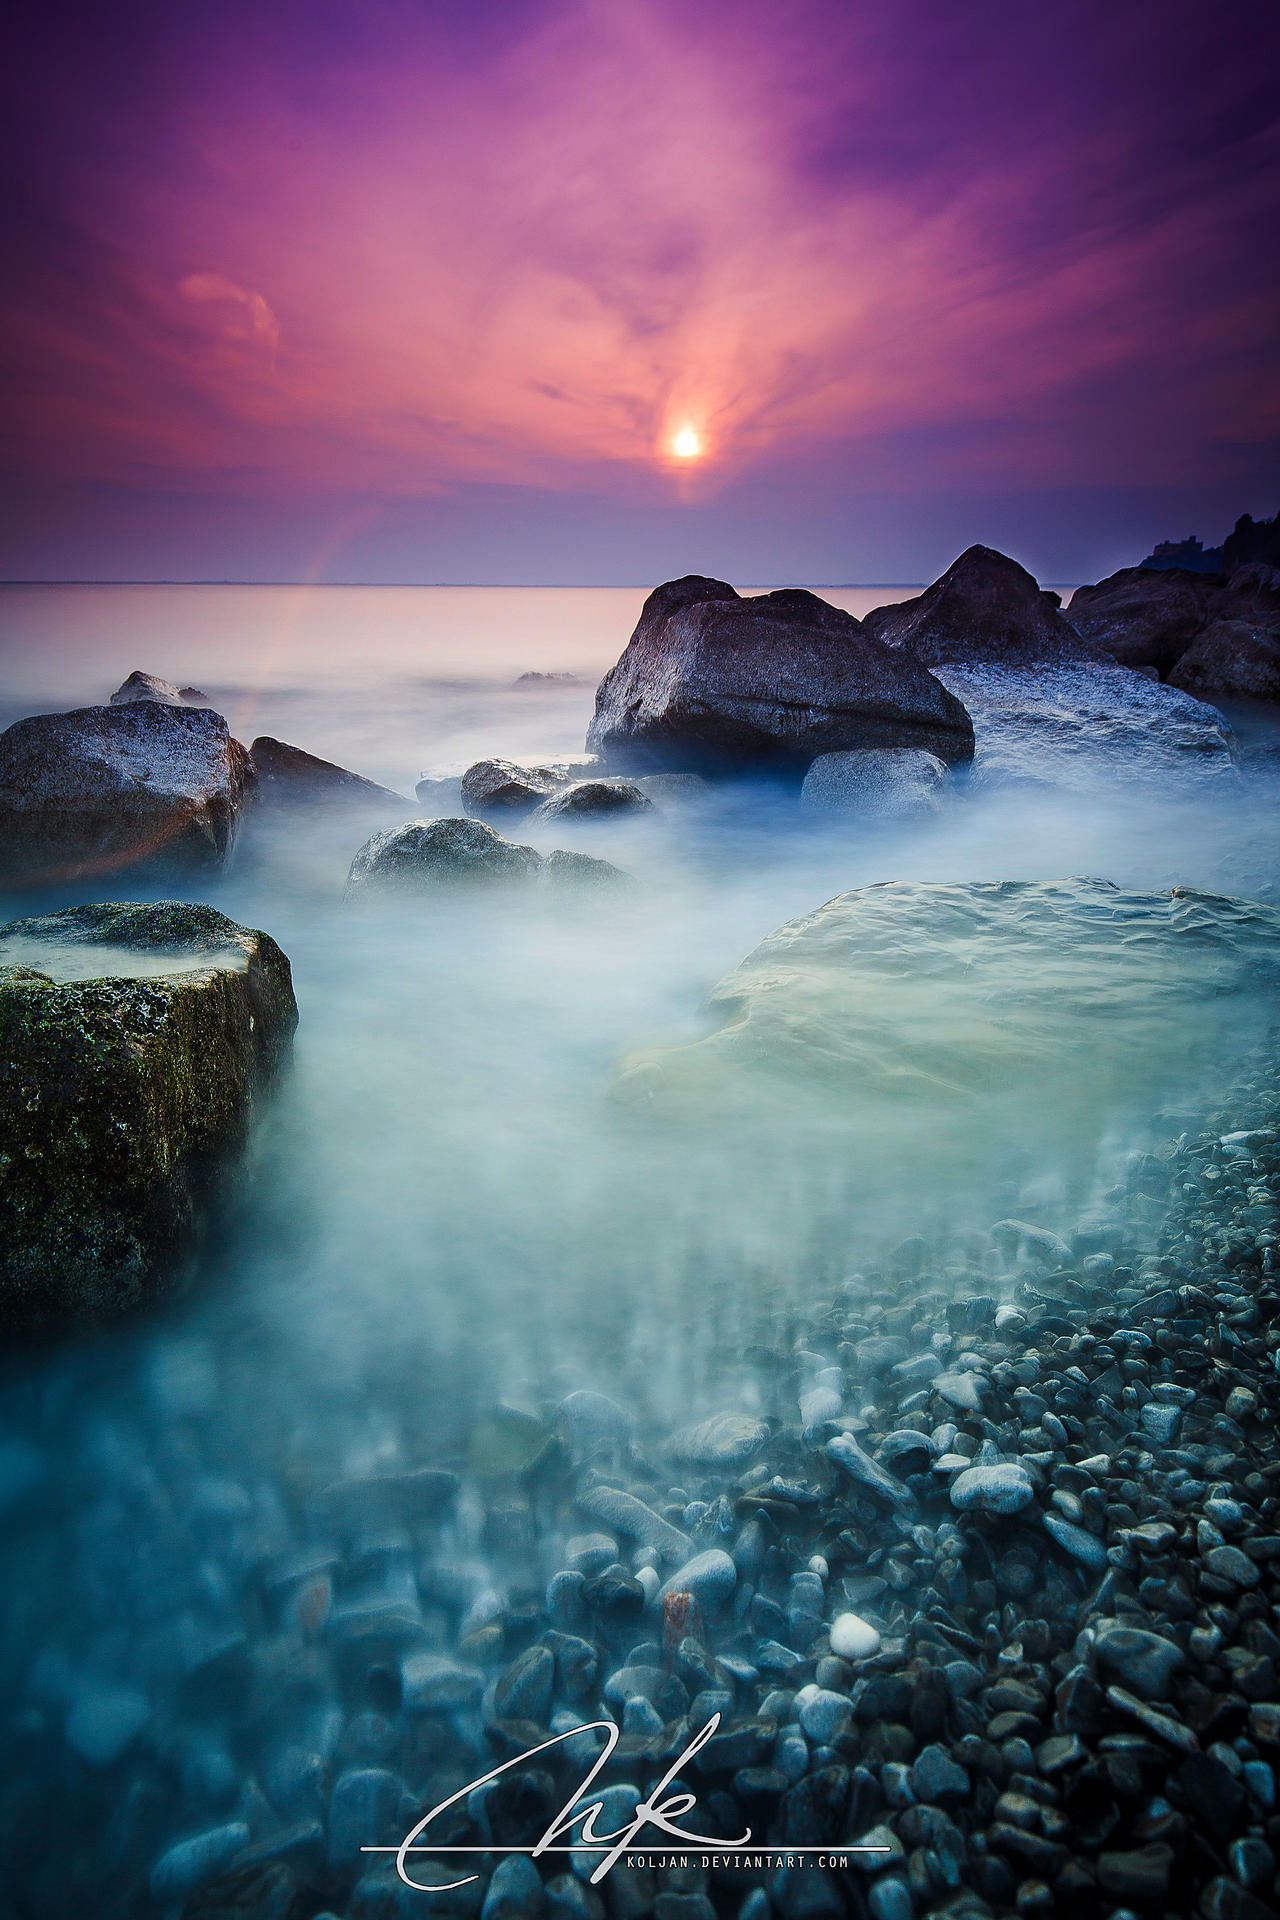 Dusk at the seashore by Koljan